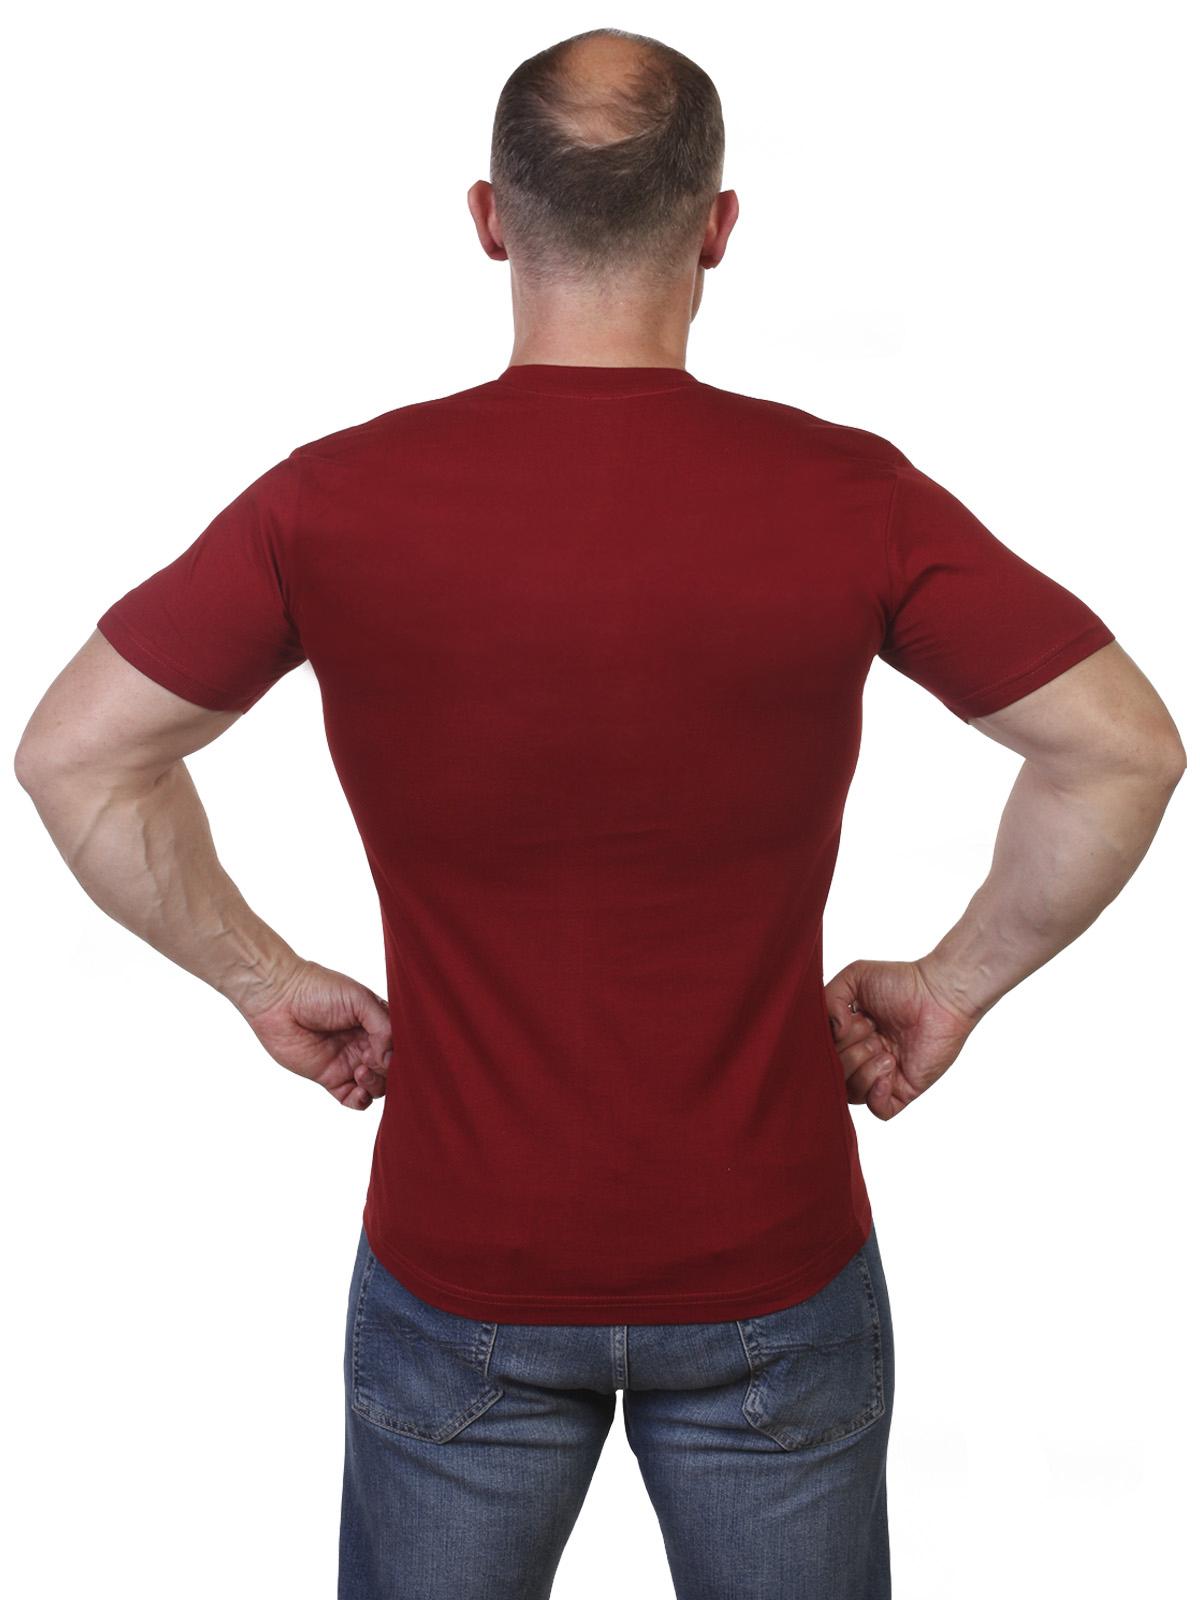 Краповая футболка 1231 ЦБУ РВСН